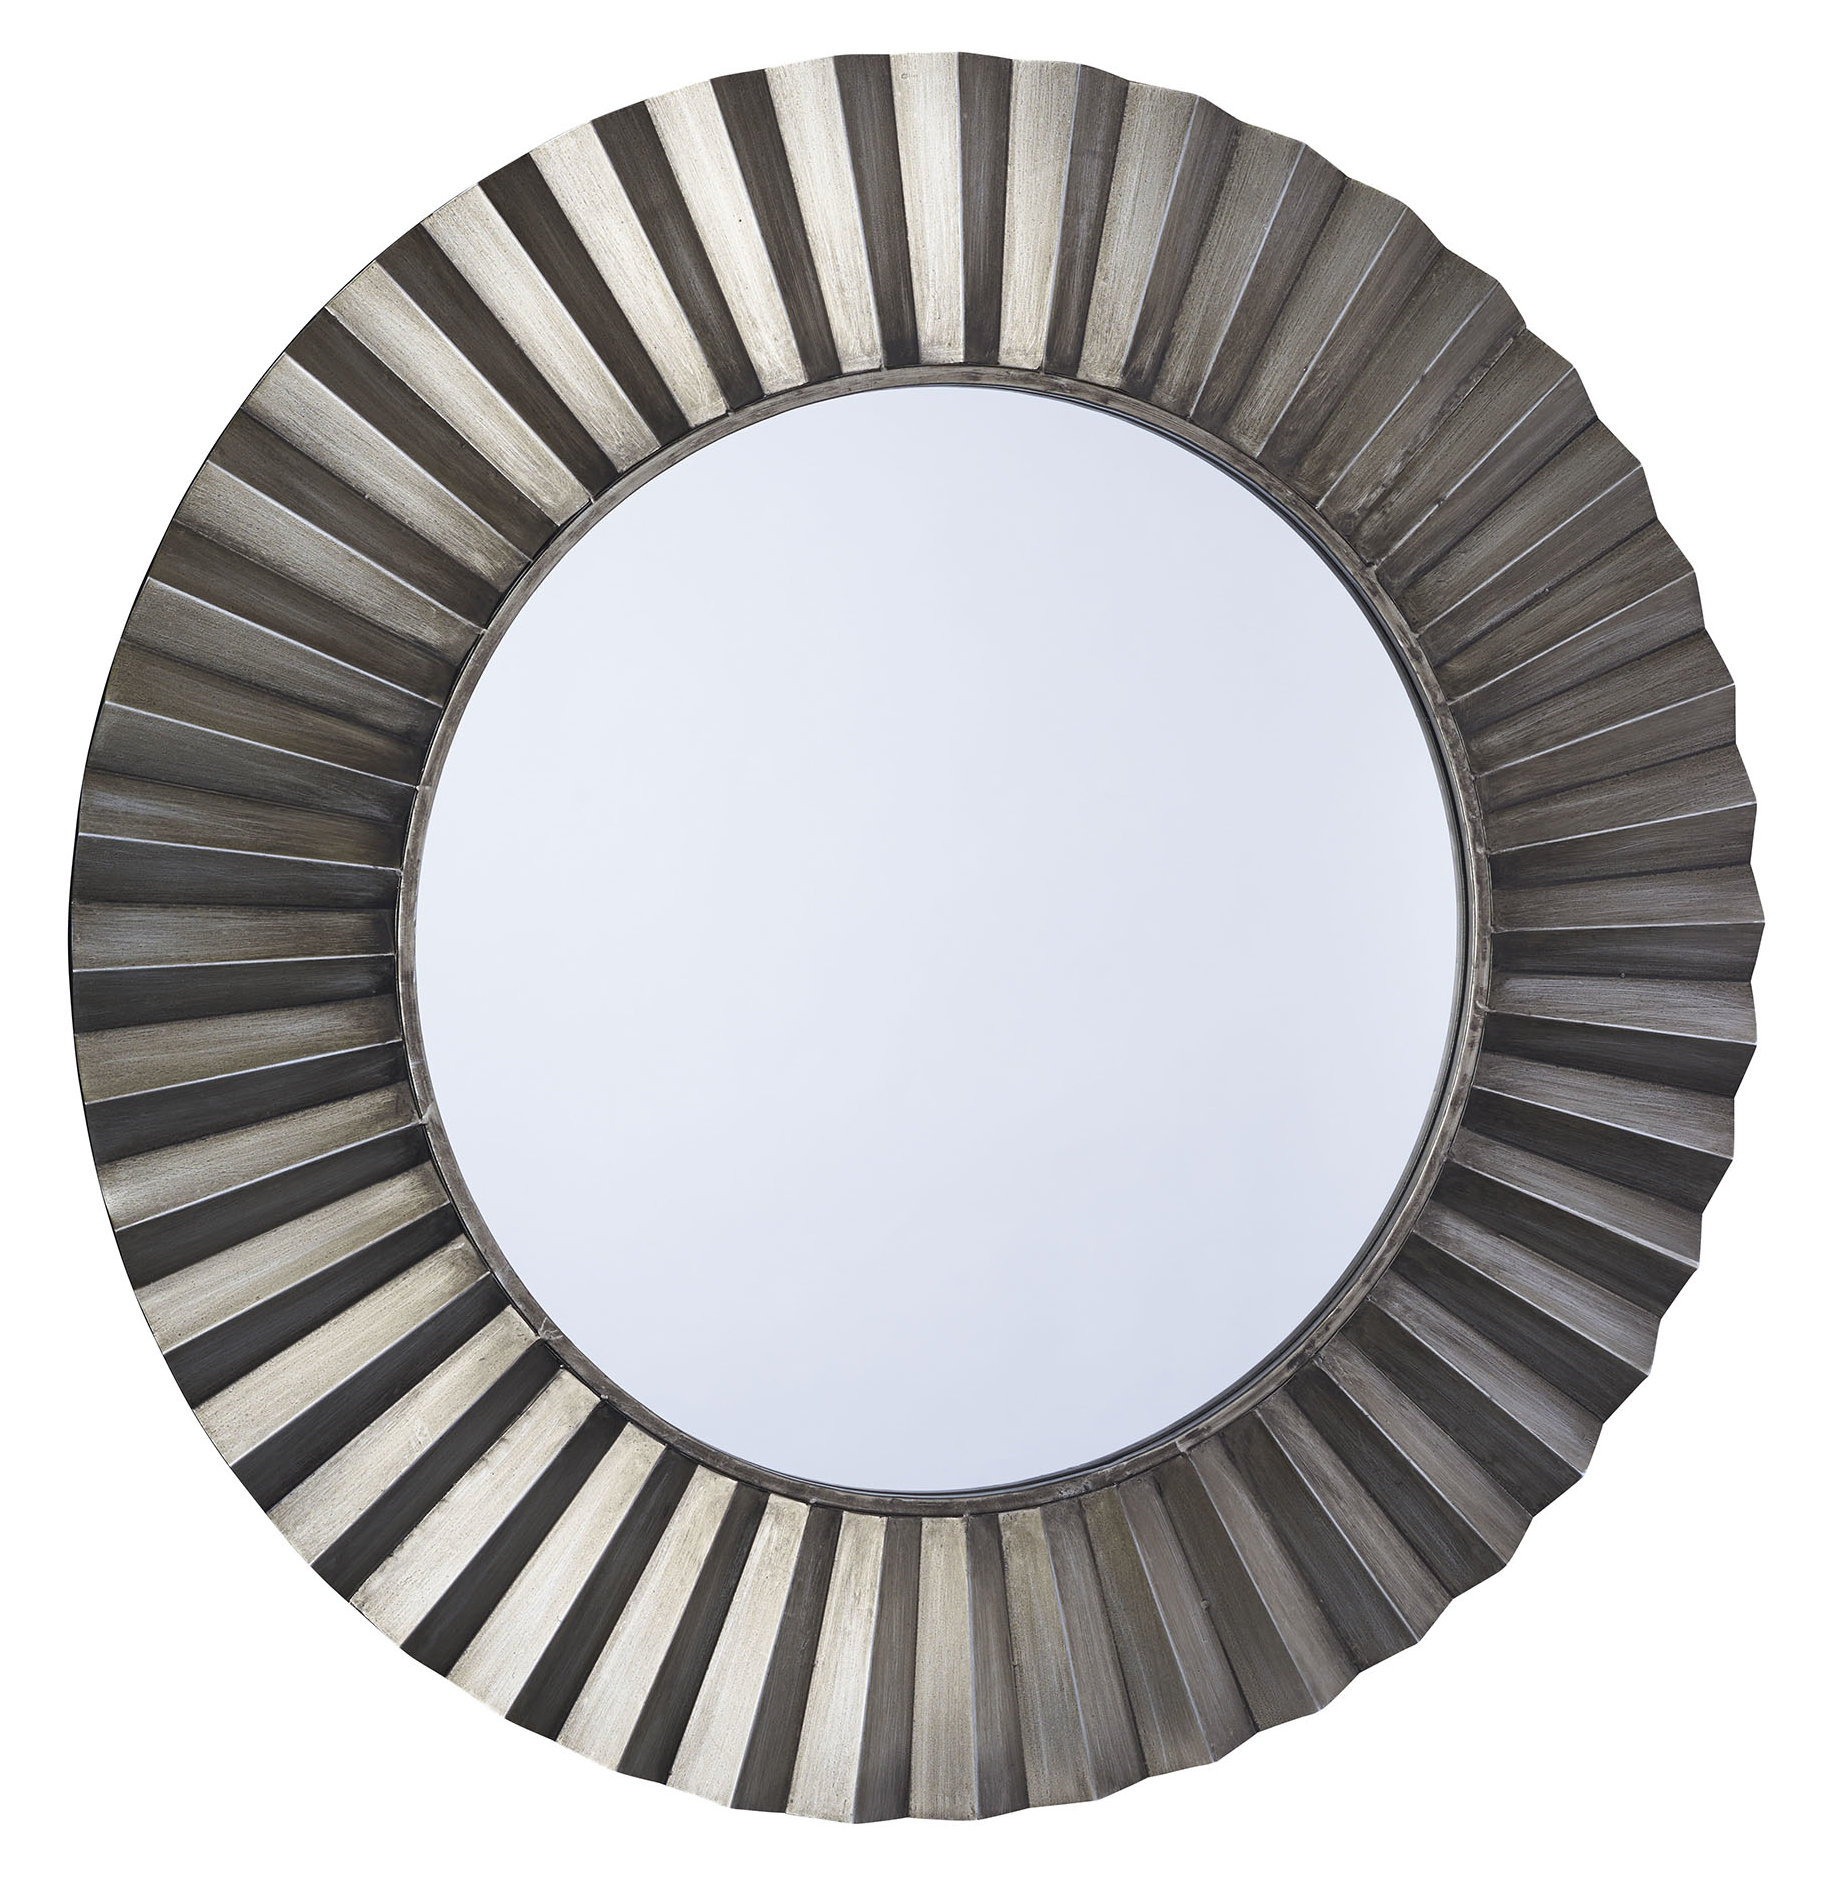 Sunburst Round Wall Mirror In Point Reyes Molten Round Wall Mirrors (View 4 of 30)